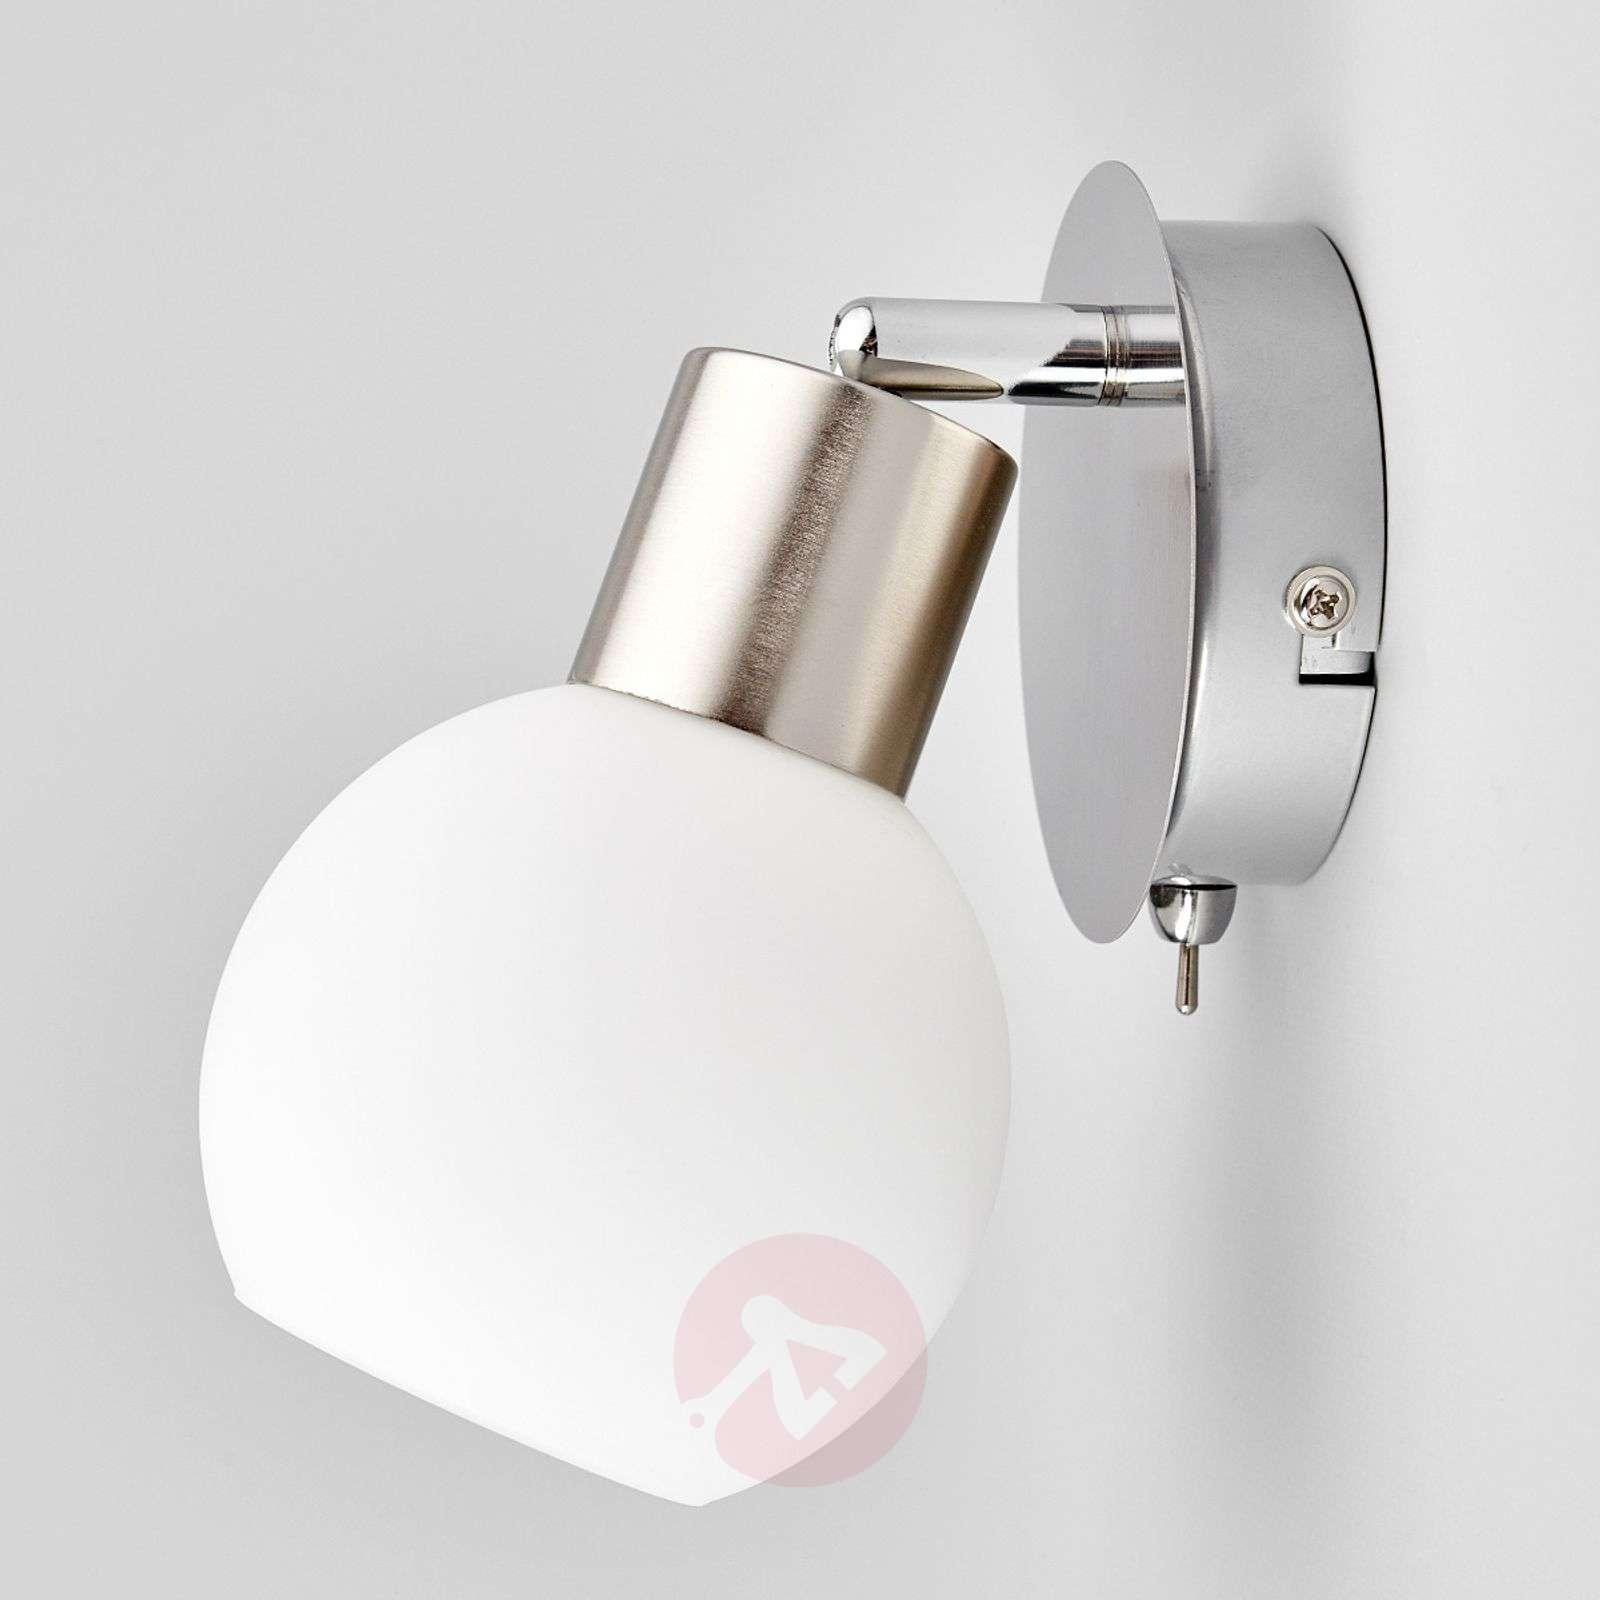 LED wall spotlight Elaina, matt nickel-9620017-01